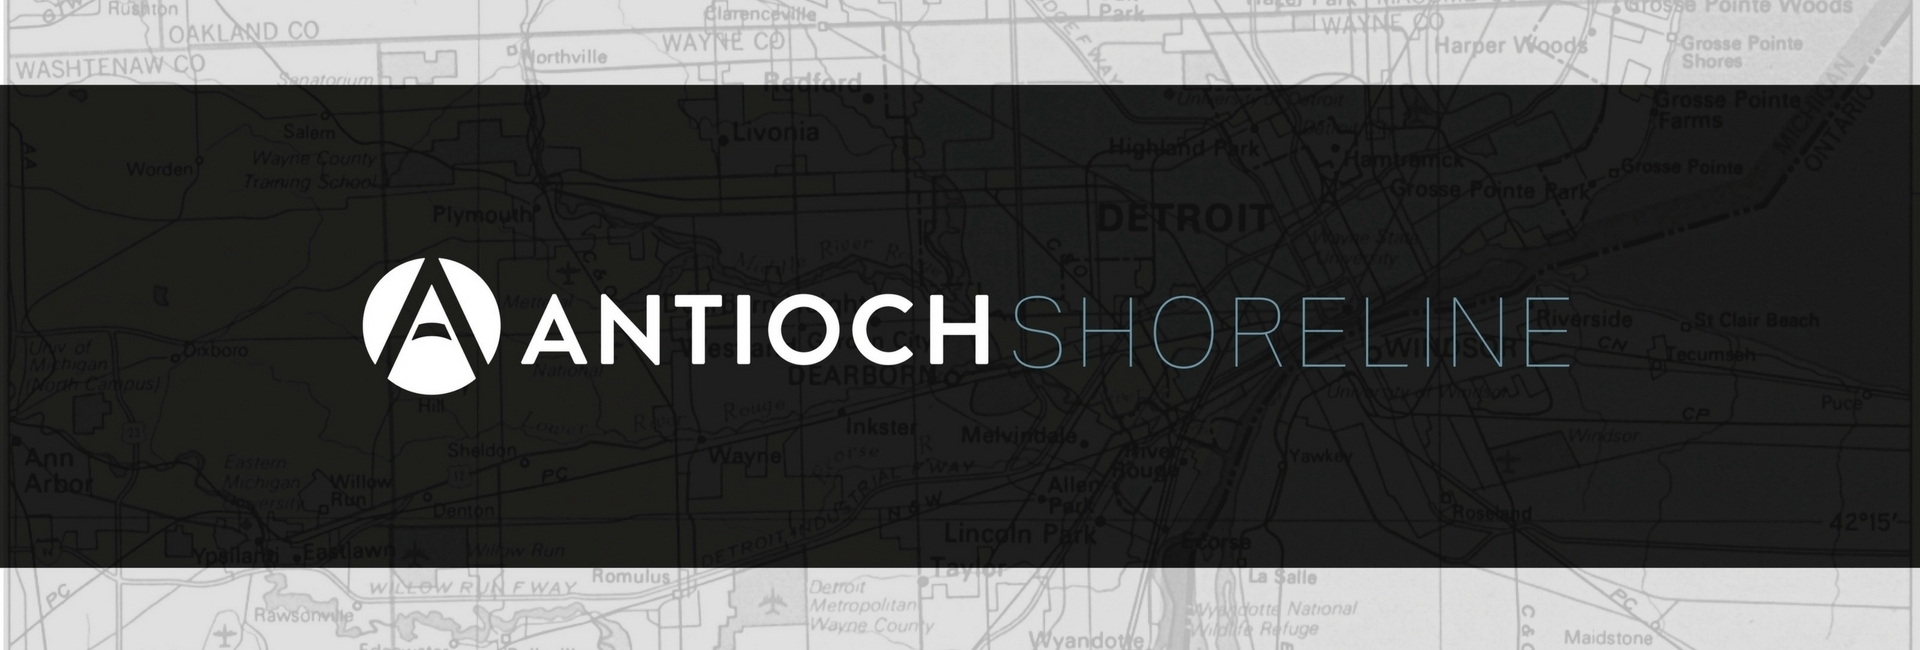 Antioch Shoreline.jpg